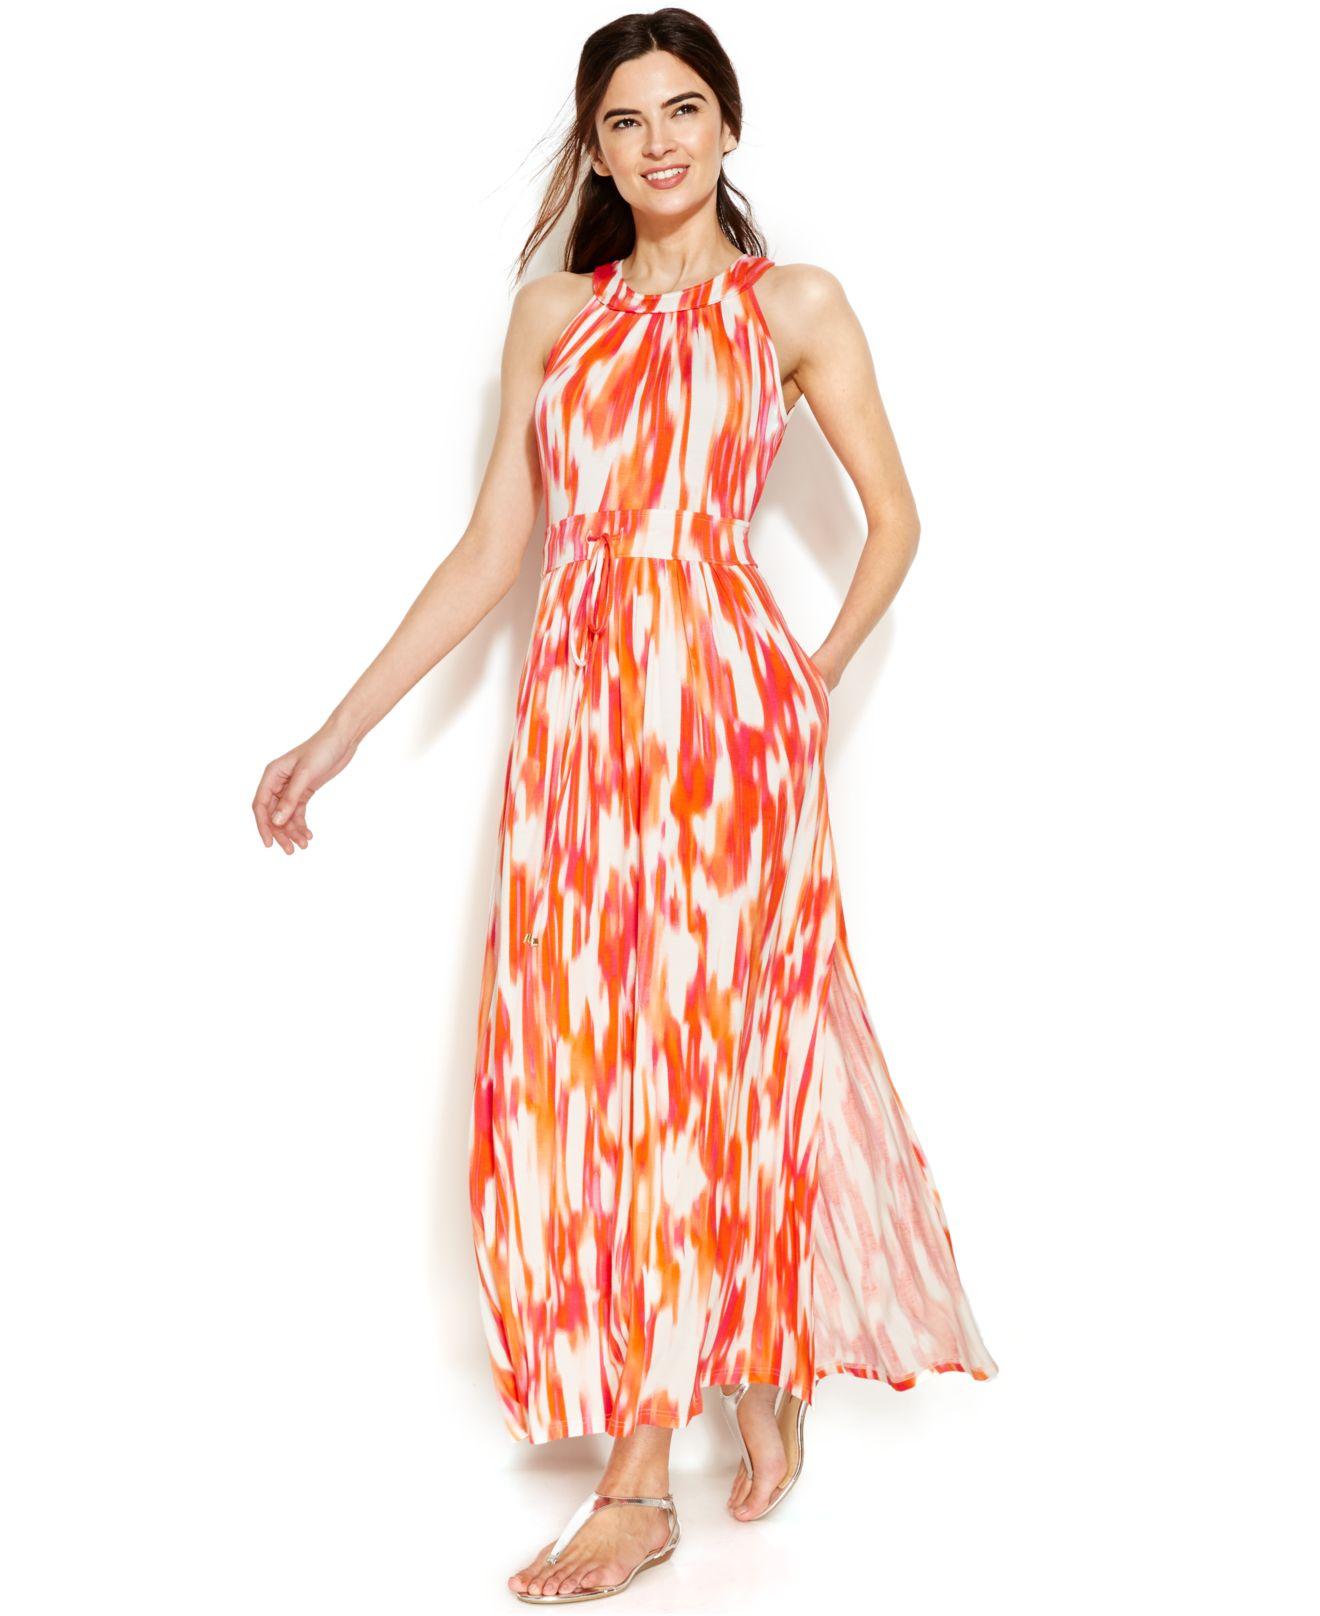 Maxi calvin klein dress